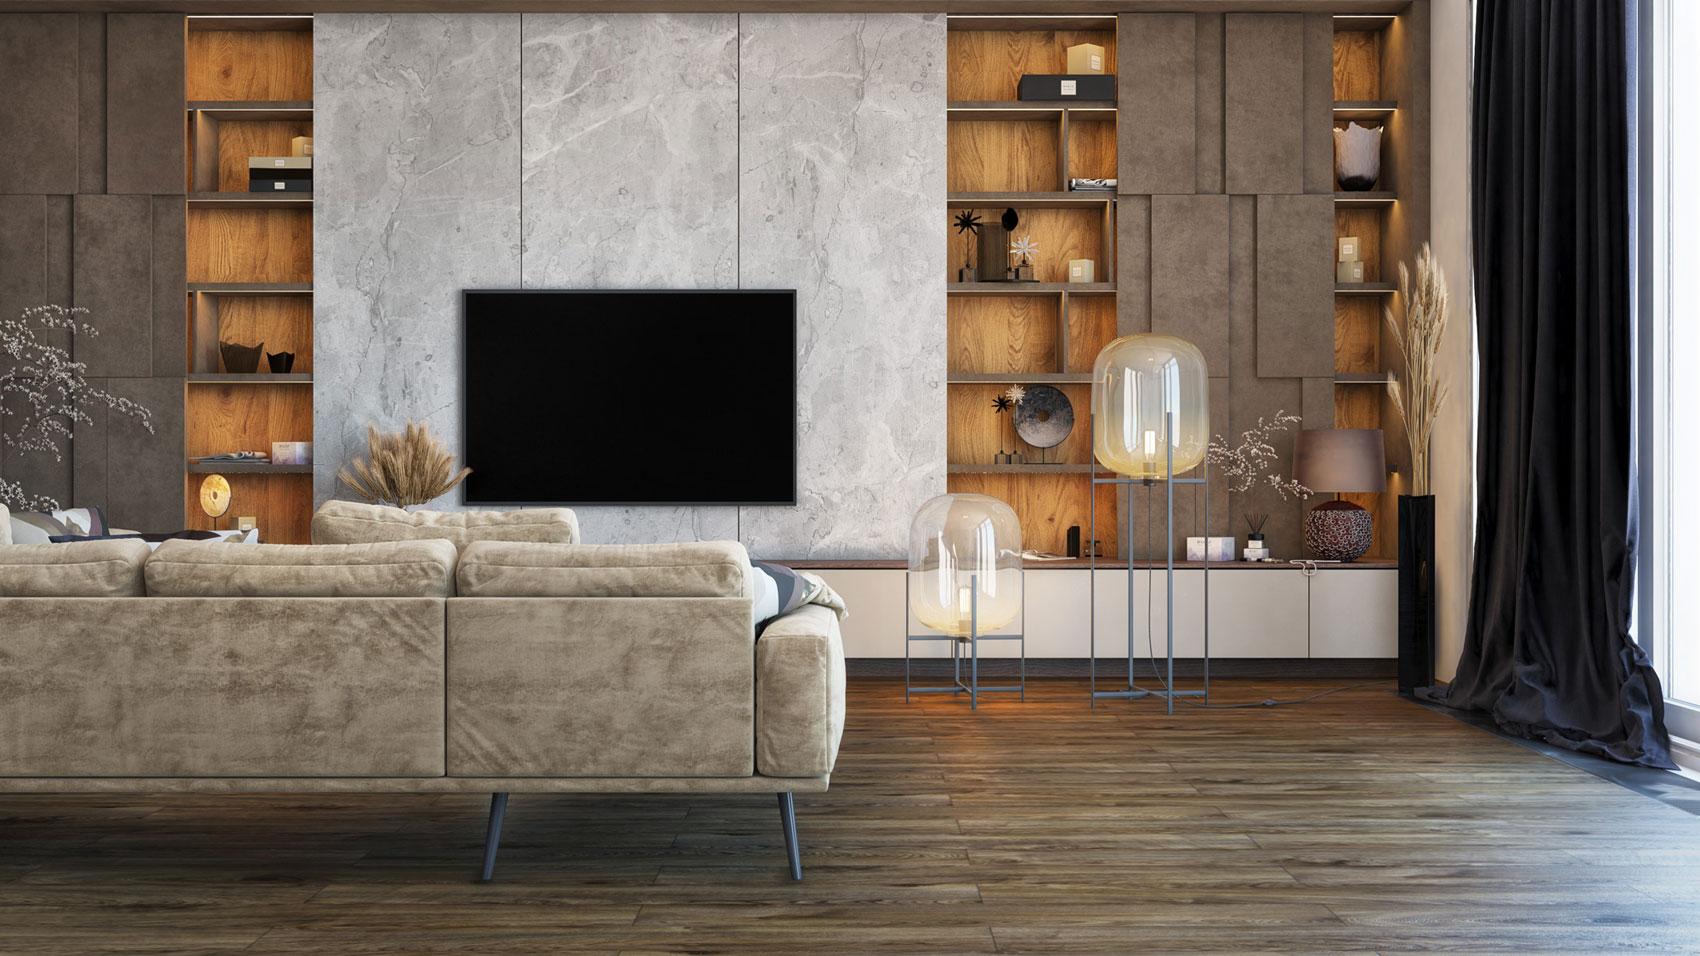 przykładowa wizualizacja 3d salonu